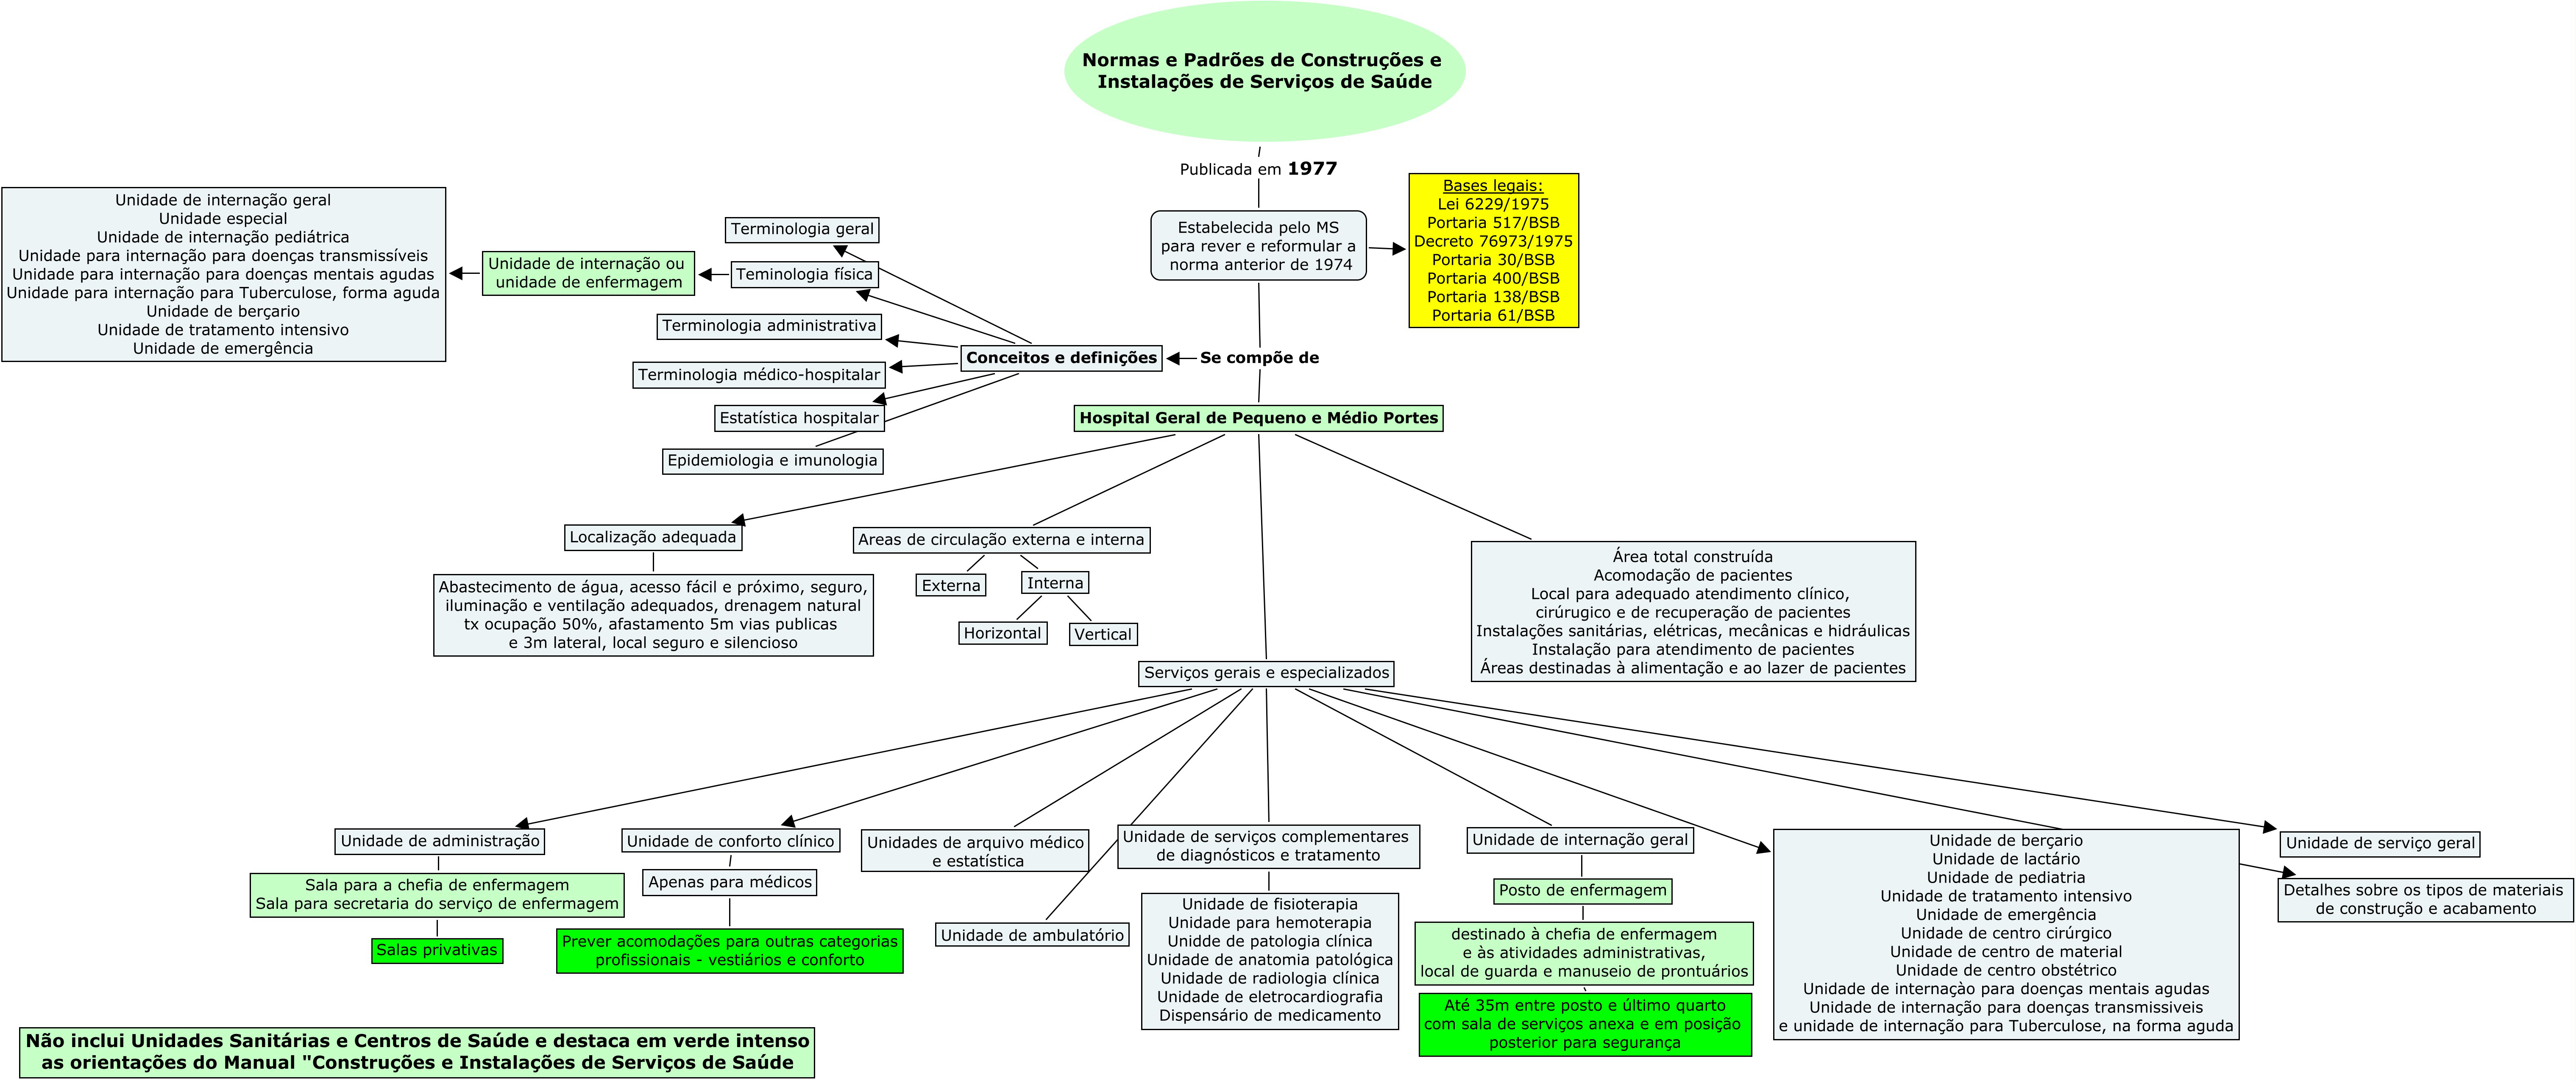 Normas Sobre Construcao De Estabelecimentos Assistenciais De Saude